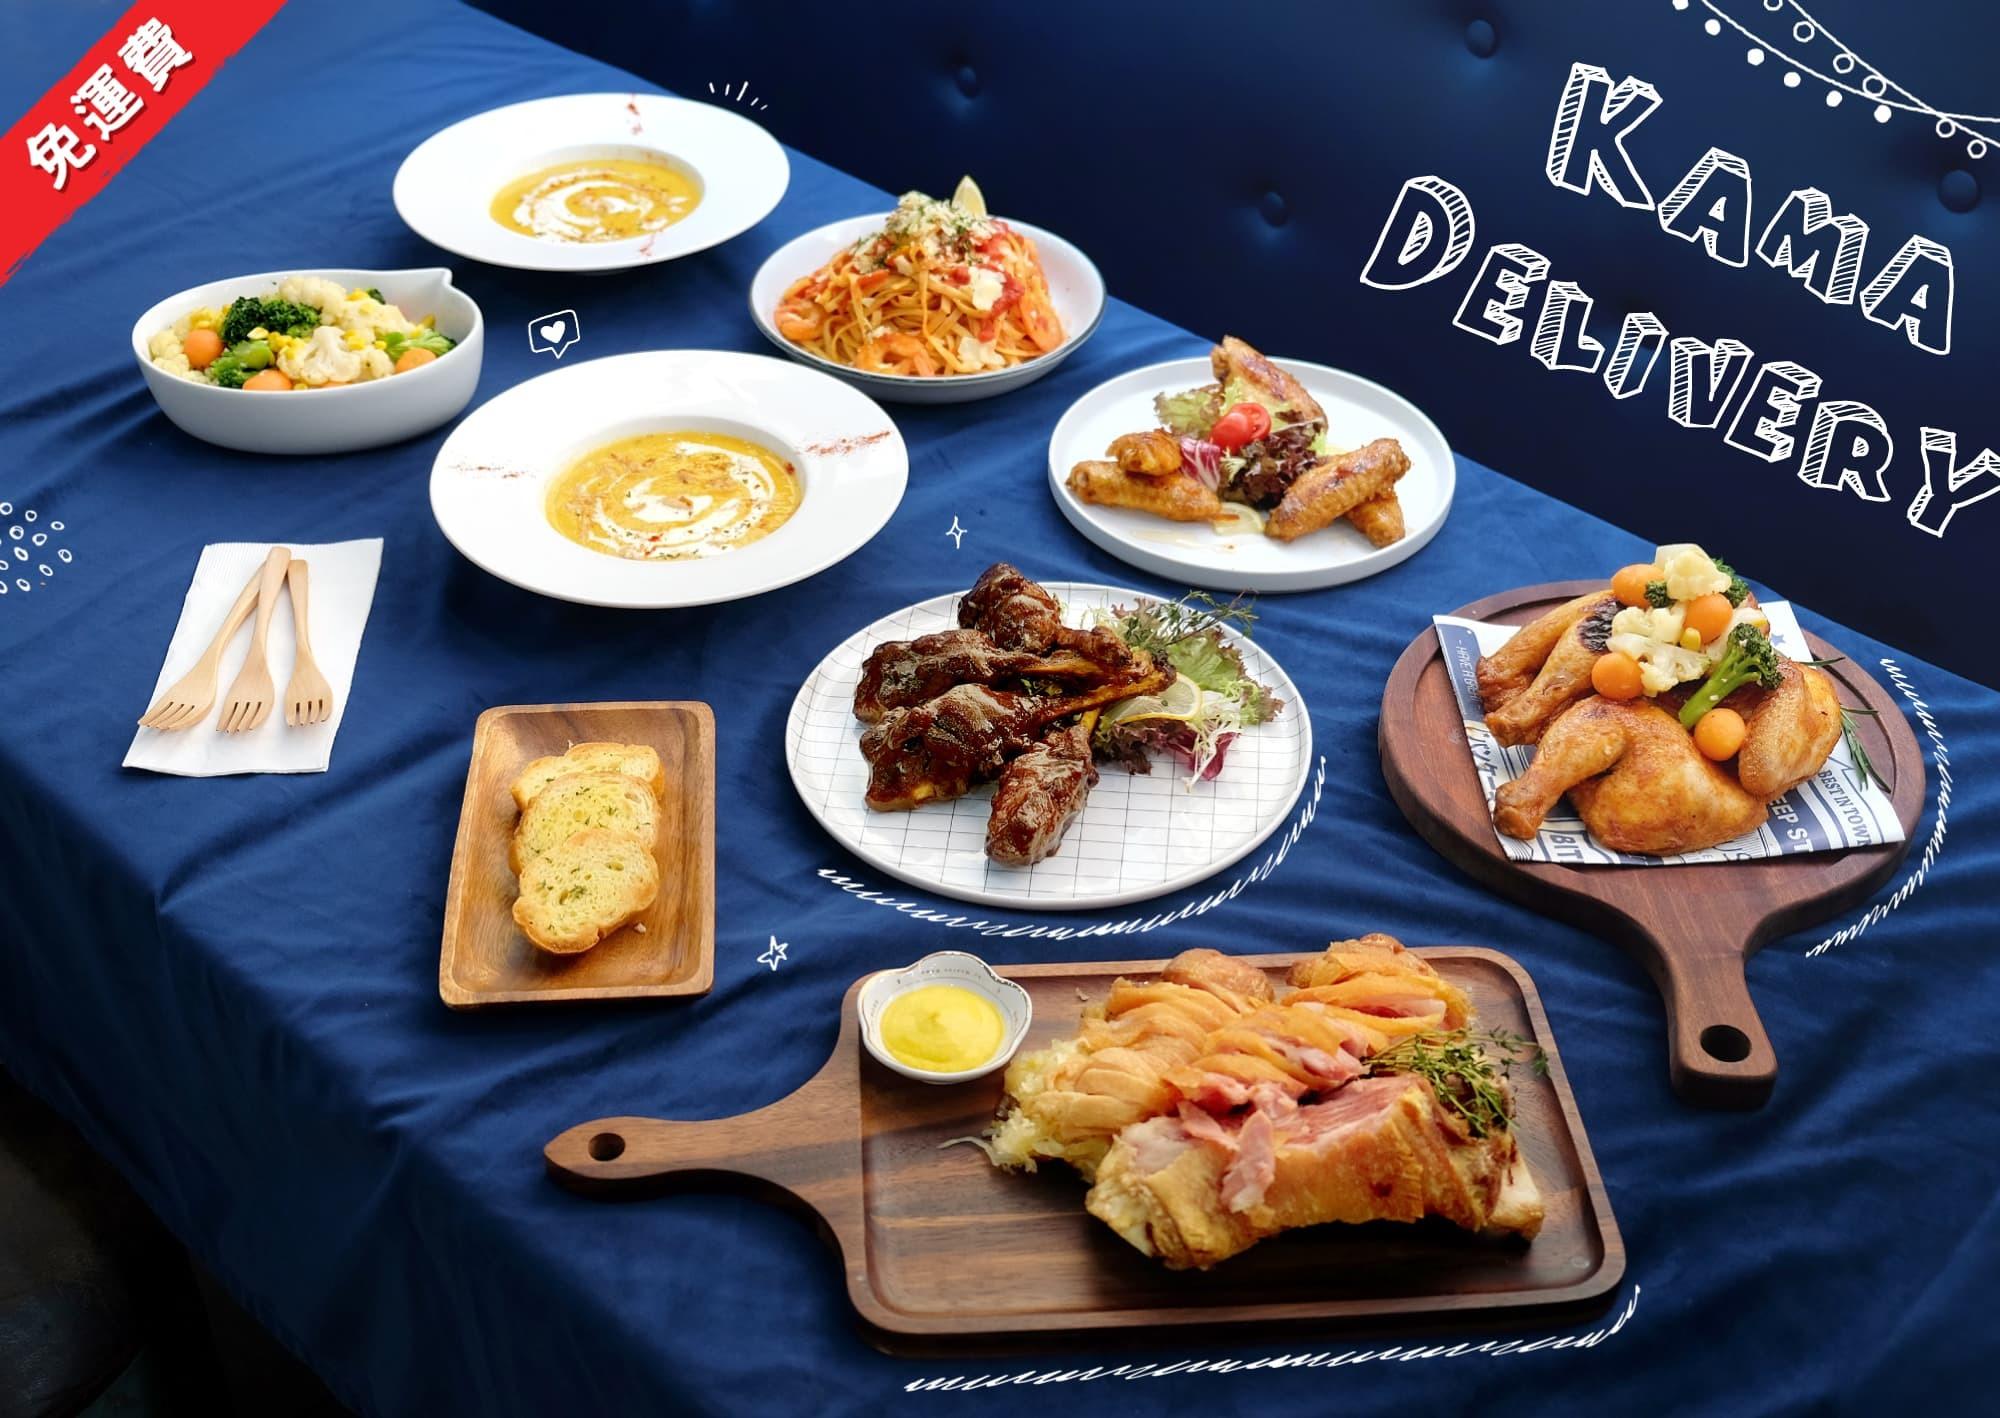 到會56人外賣.推介首選|Kama Delivery除了提供特色平價單點美食外,更打造出多款到會套餐,並承接多人大型到會服務。不論是私人派對或是公司活動,Kama Delivery必定是預訂Party Food的最佳之選!